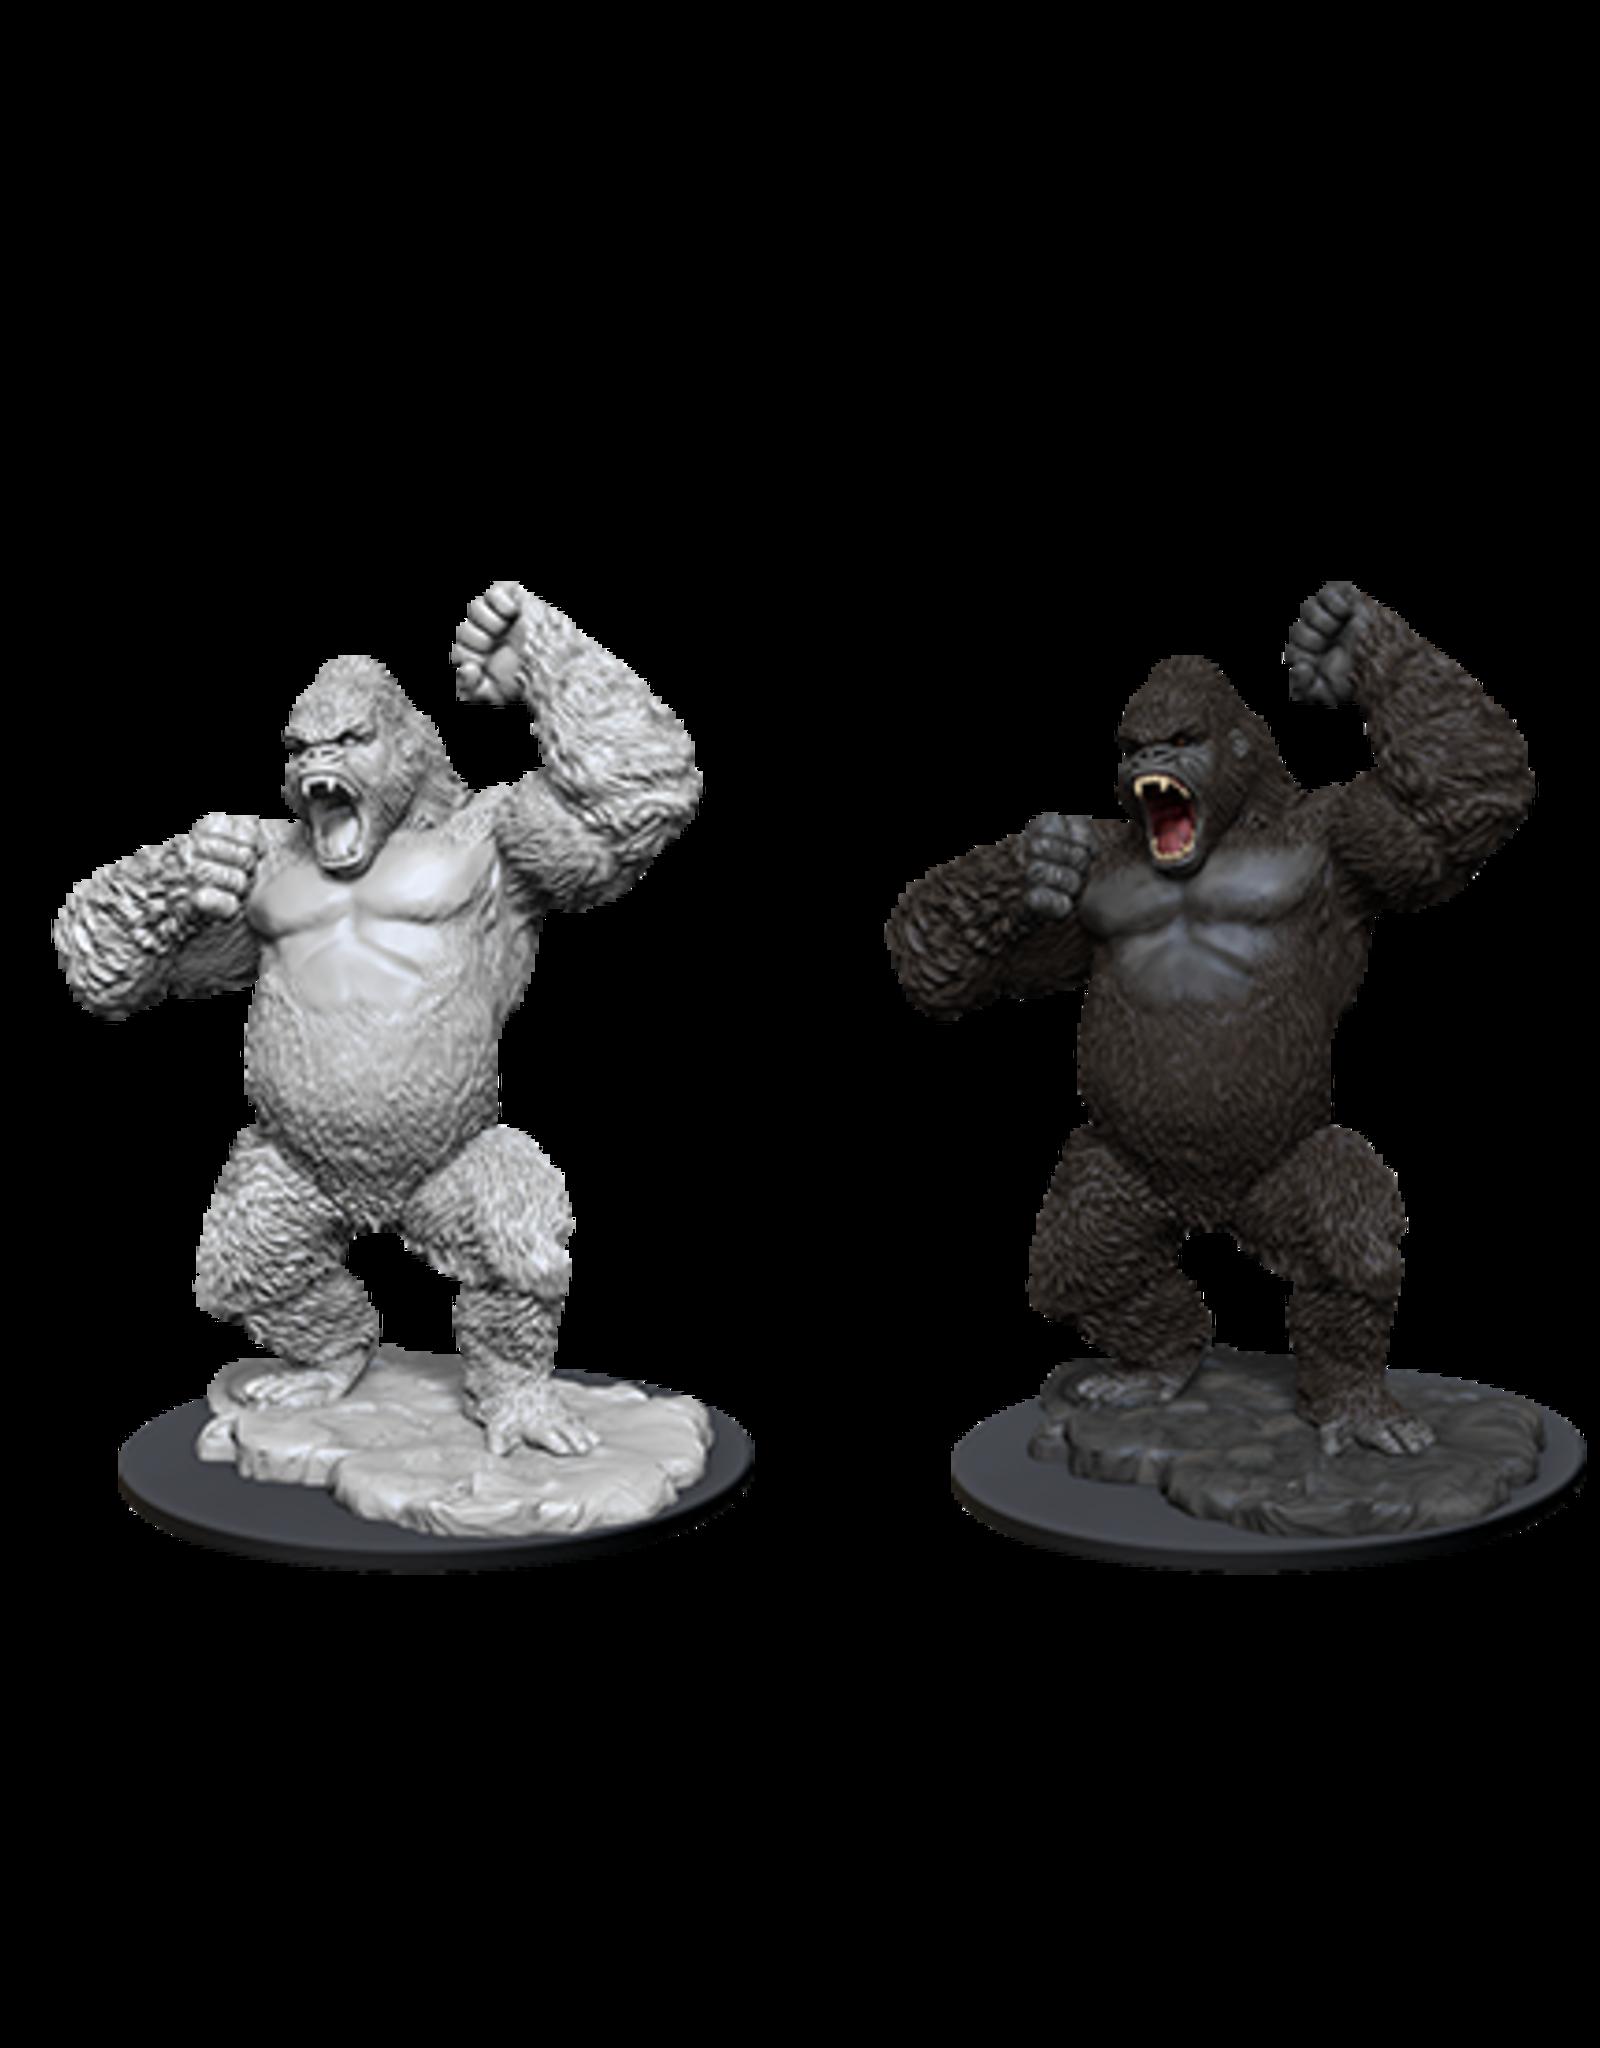 Wizkids D&D Nolzur's Marvelous Miniatures Giant Ape